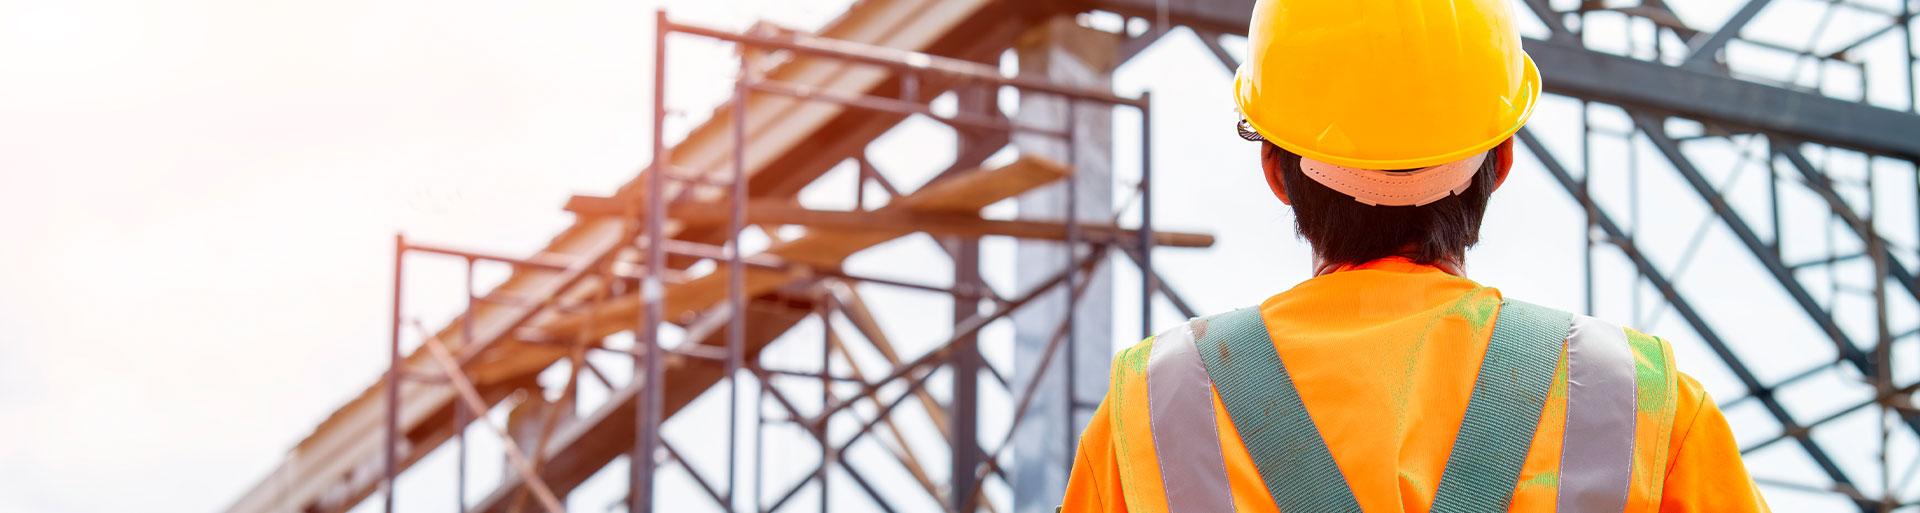 homem de costas em frente a um prédio em construção